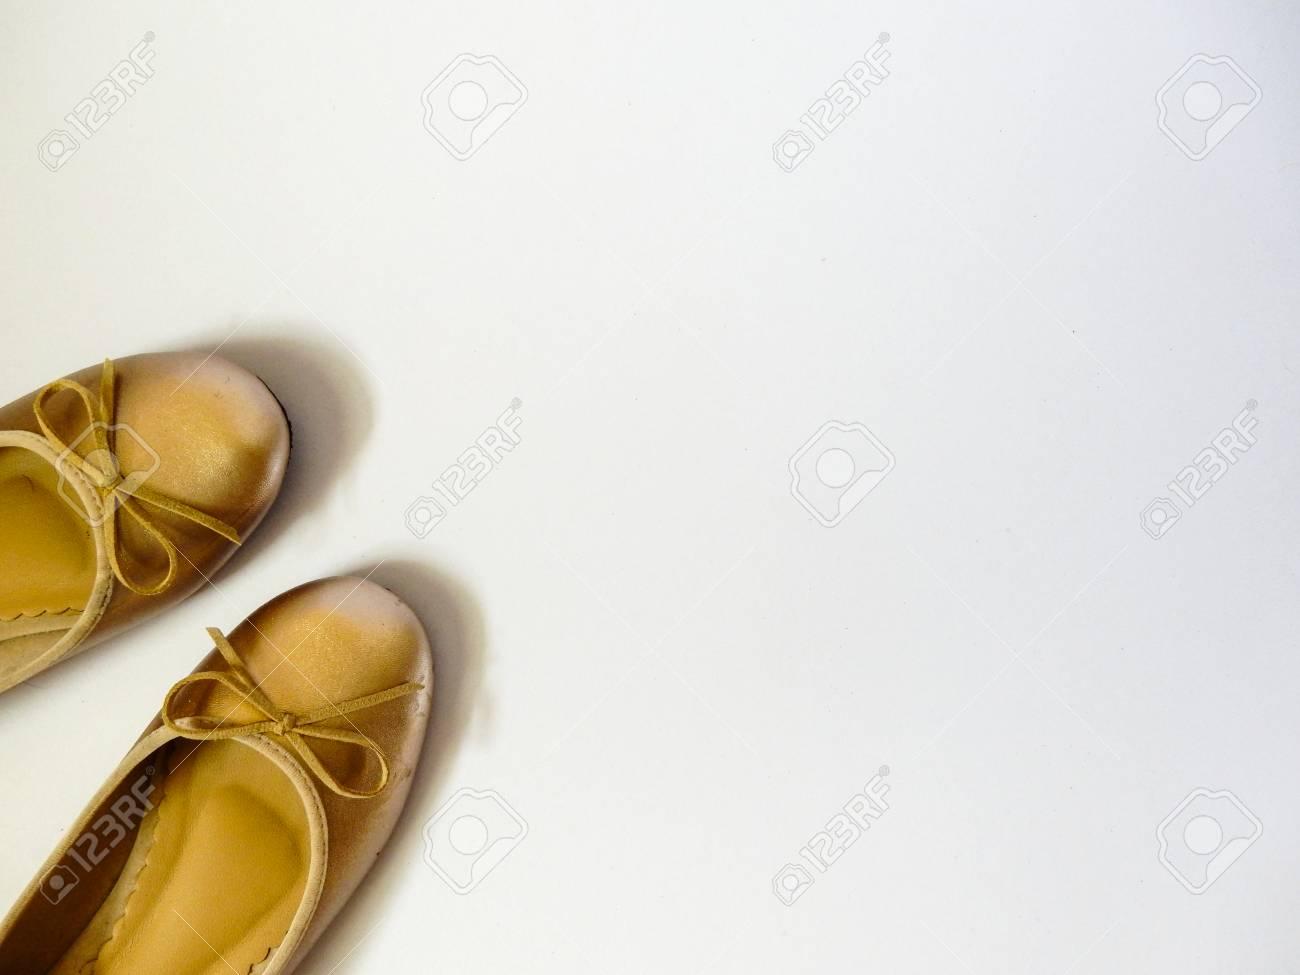 Gold Flache Schuhe Auf Weissem Hintergrund Lizenzfreie Fotos Bilder